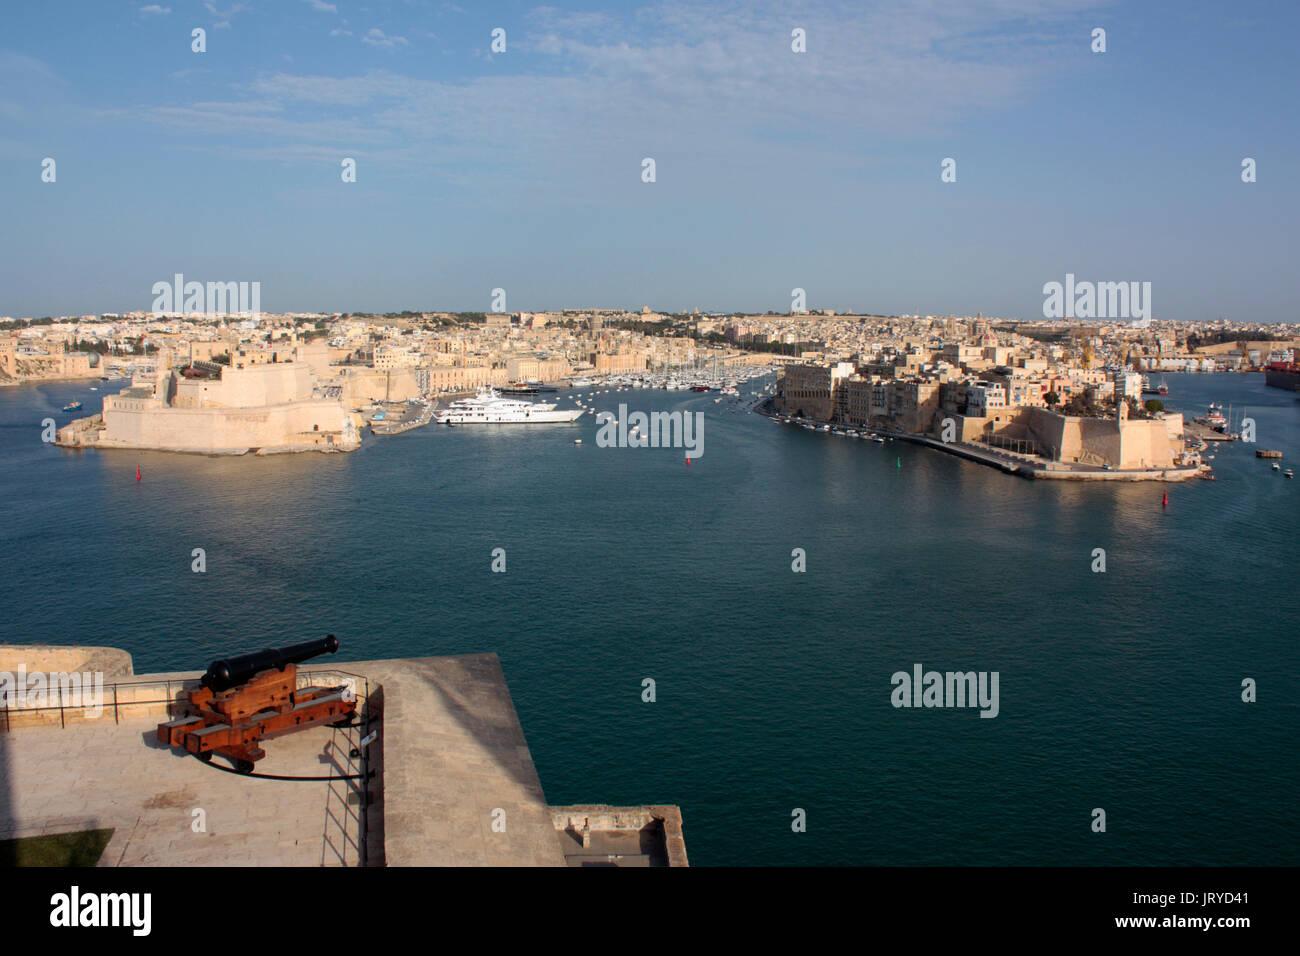 Il Grand Harbour di Malta, una storica Mediterraneo destinazione di viaggio. Vista da Upper Barrakka, Valletta. Urbano paesaggio maltese e di storia. Immagini Stock